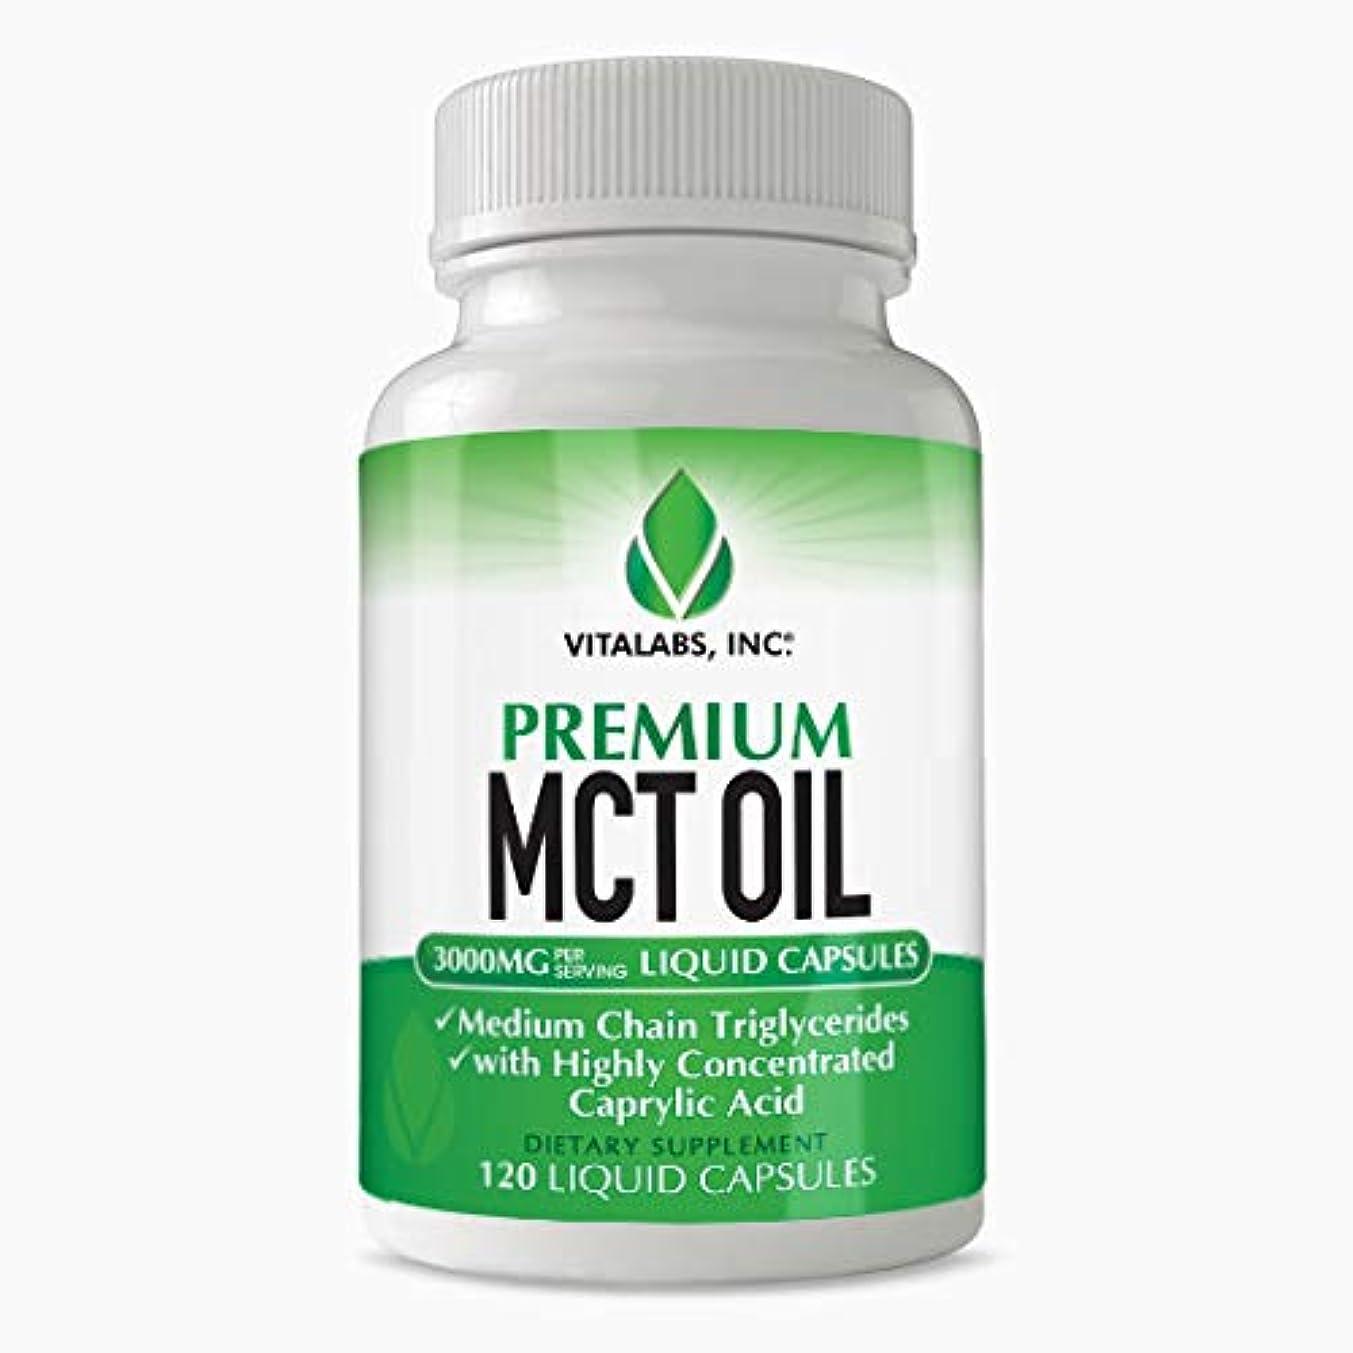 債務者可能にする用心する取りやすいジェルカプセルタイプ?ココナッツ由来-MCT オイル/3000mg(1Serving) 120Capsules 【Vitalabs.MCT Oil】 (1)